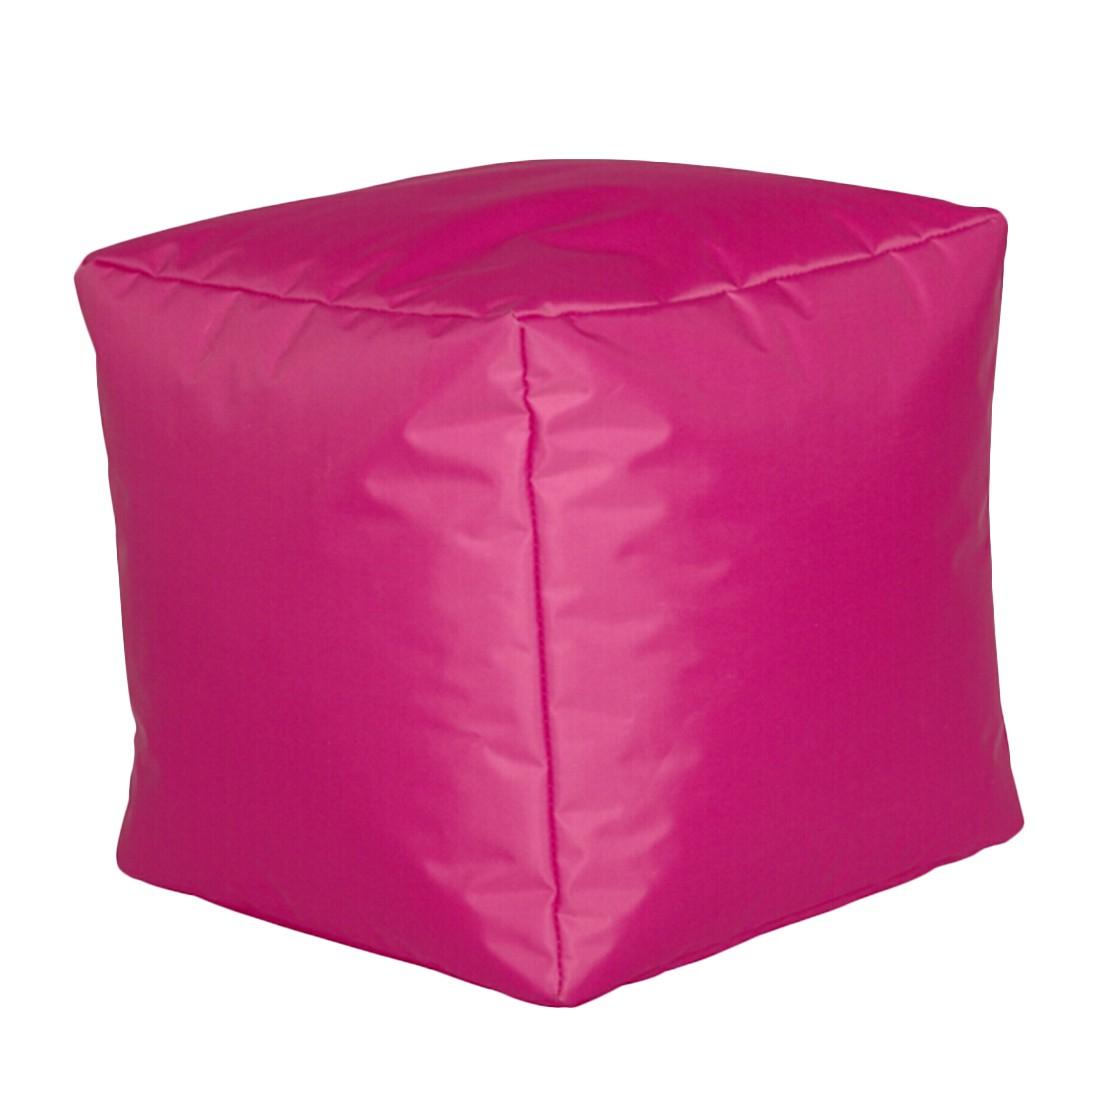 Sitzwürfel Nylon pink klein – Fuchsia – 30 x 30 cm, KC-Handel günstig online kaufen